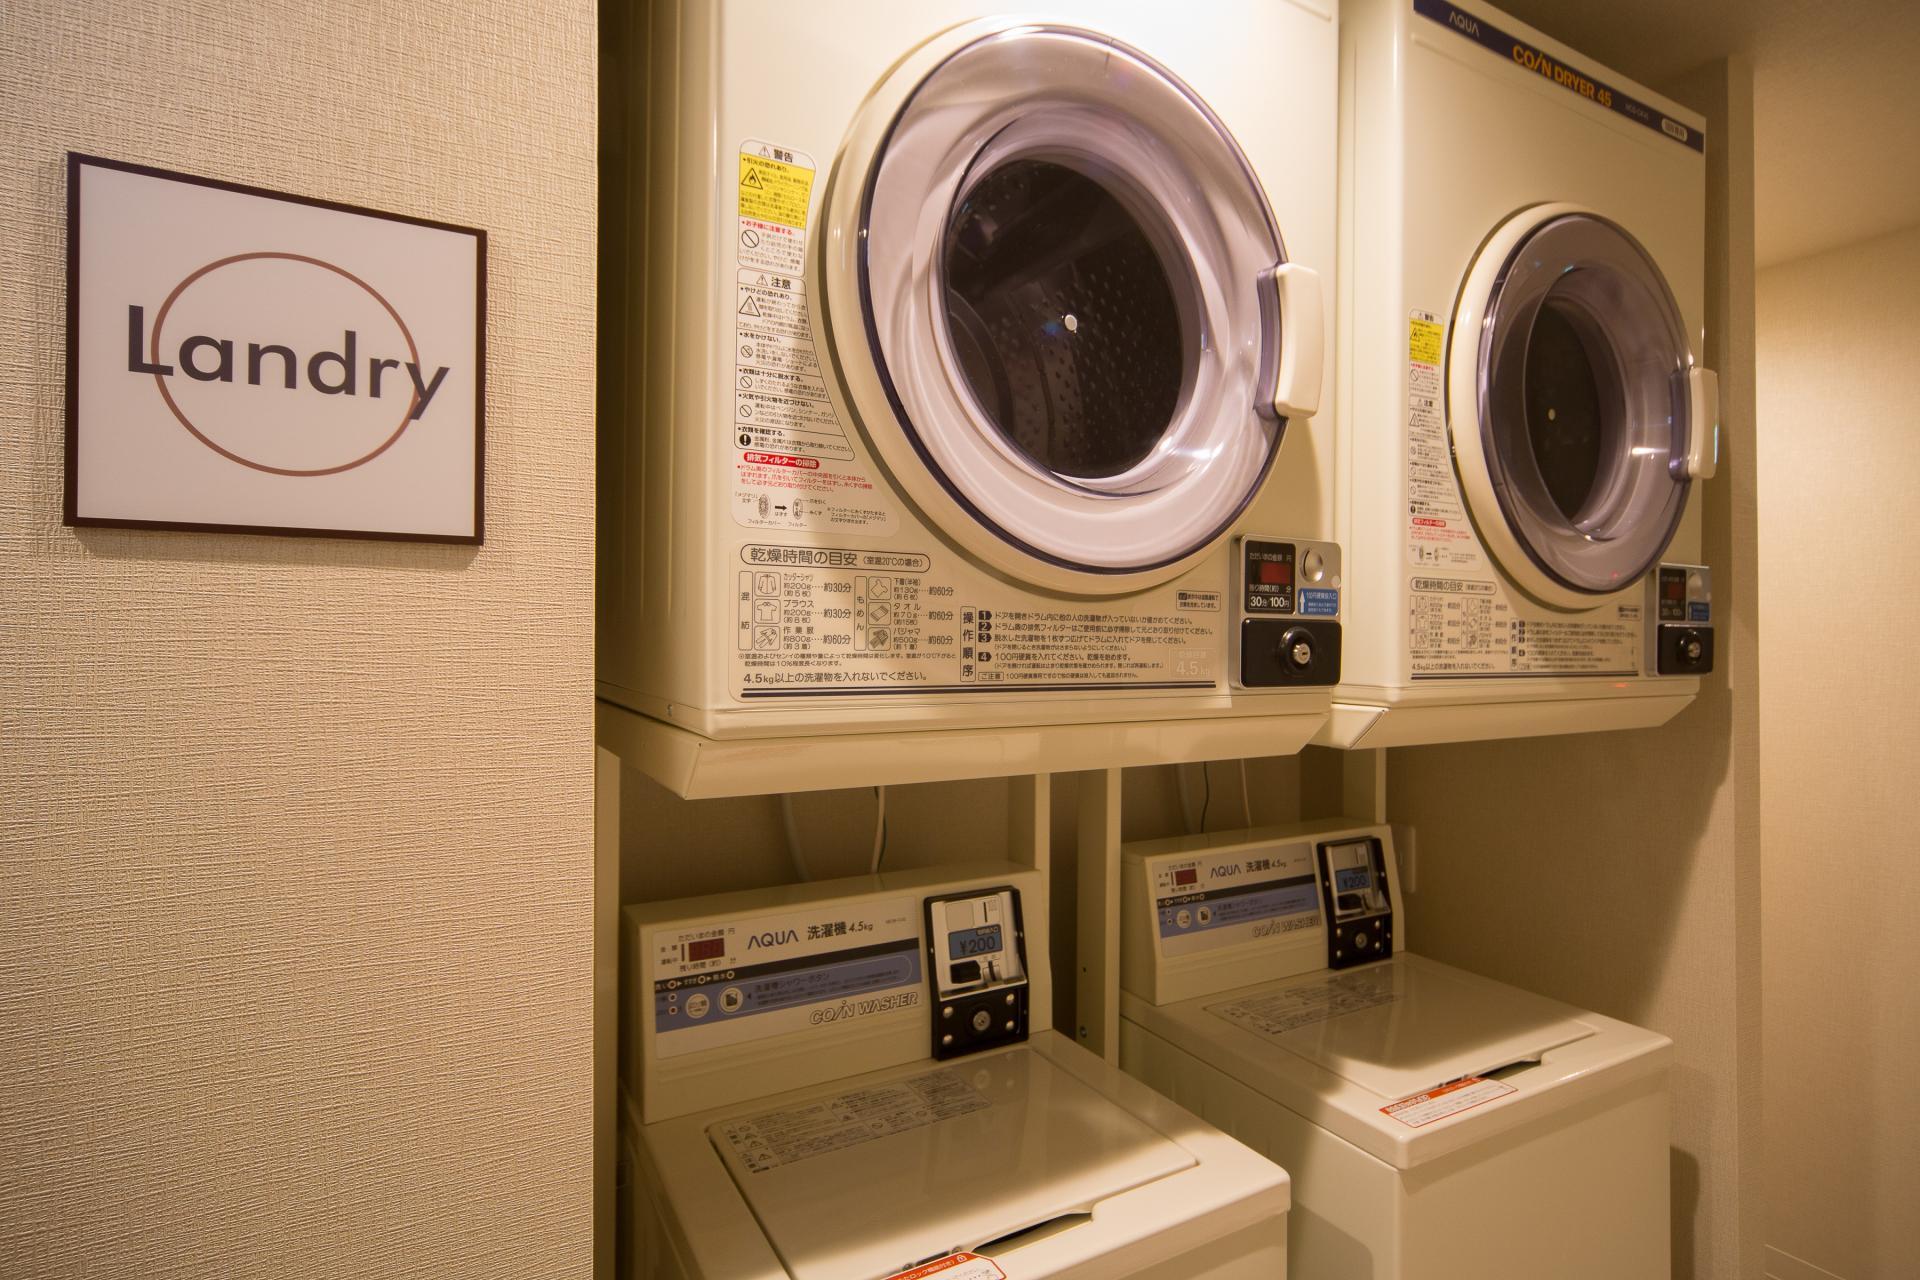 可24小時使用的洗衣設備。洗衣服200日圓,烘乾機100日圓(30分鐘)